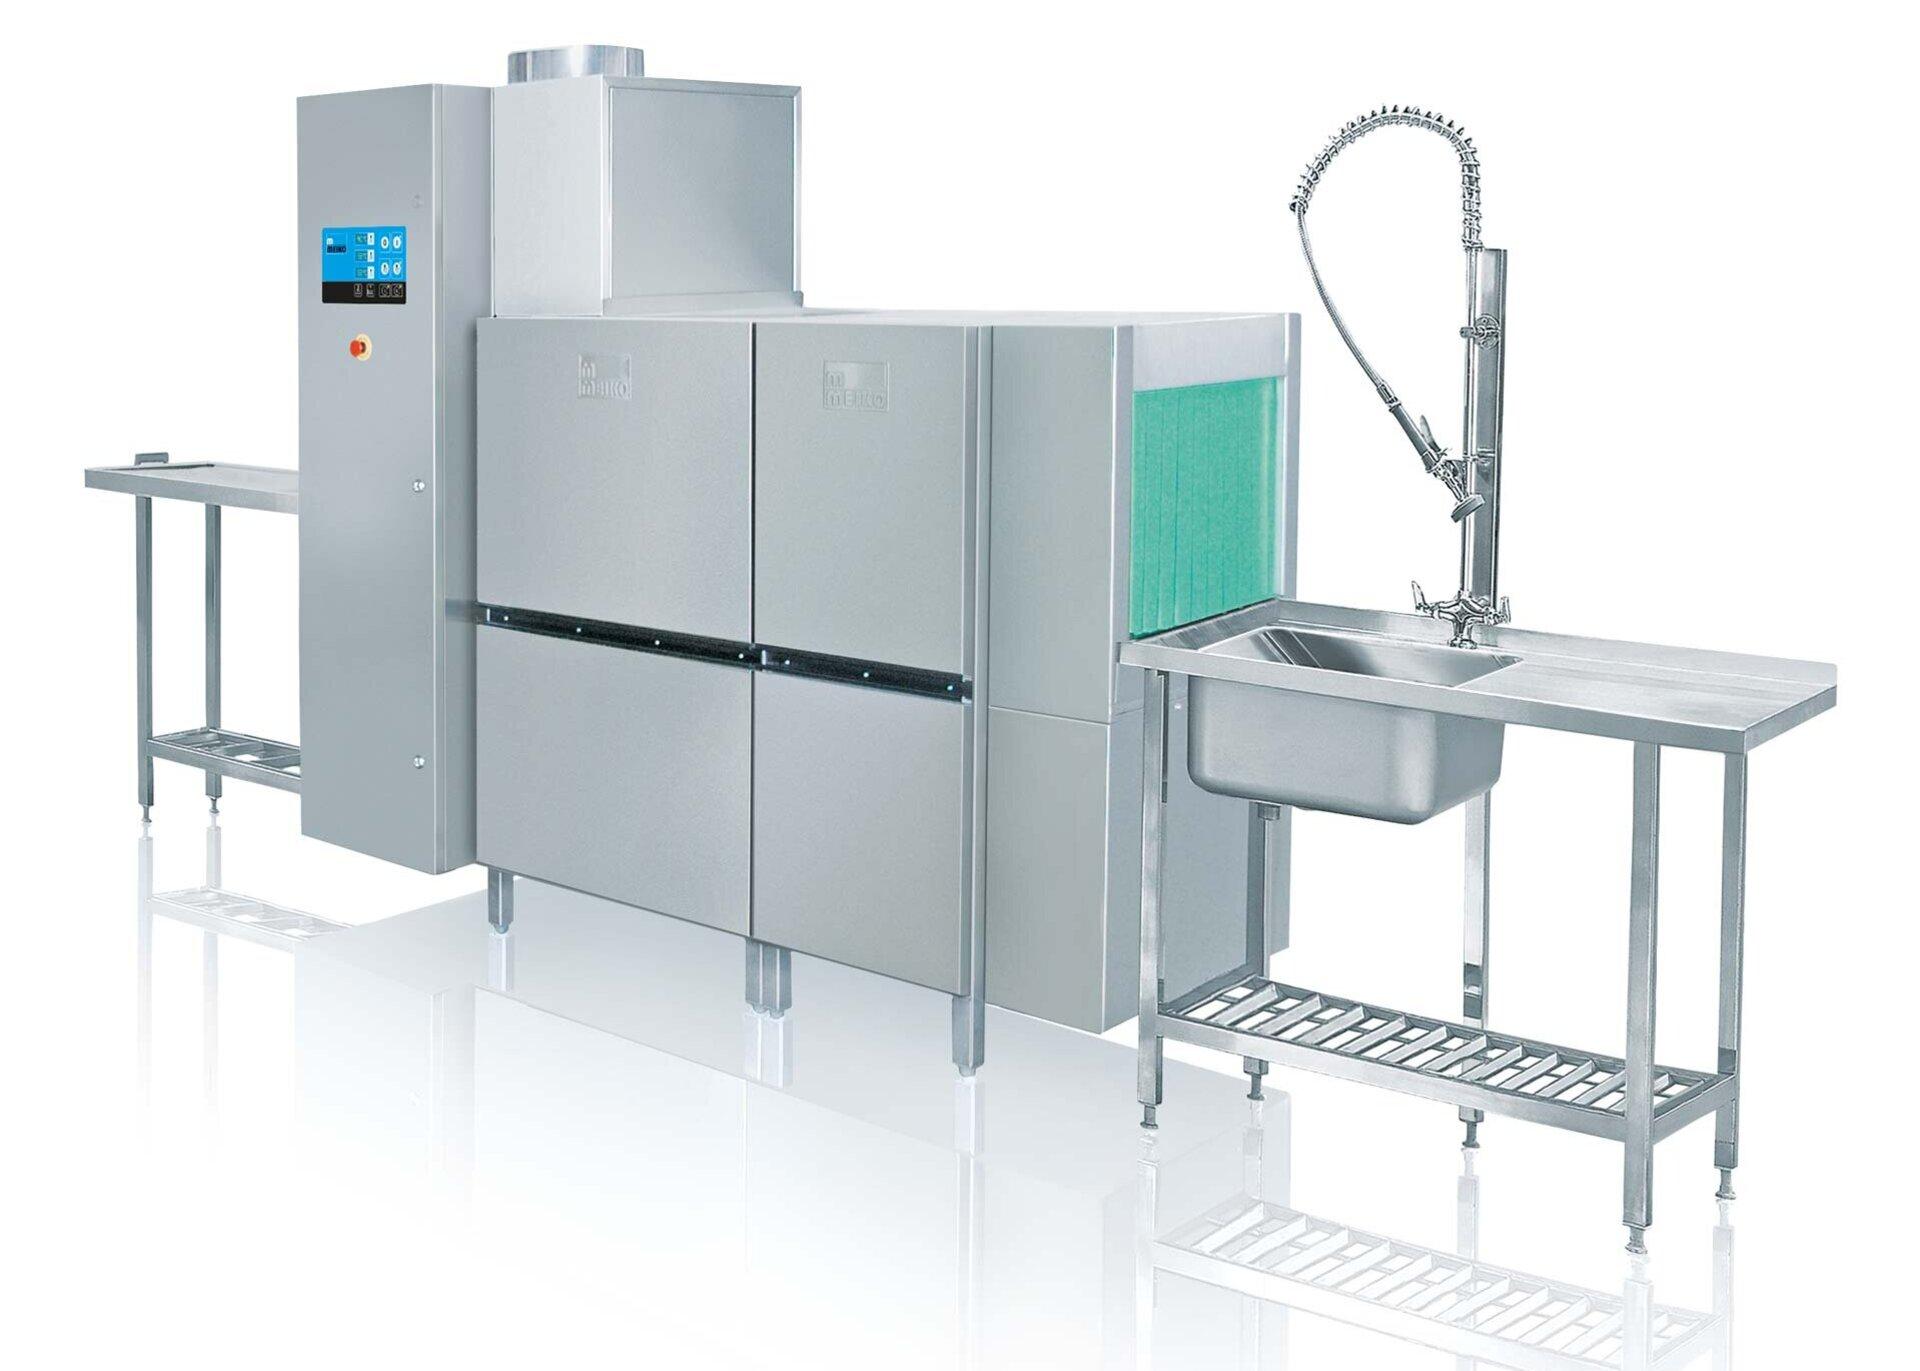 Rack type dishwashing machine K 260 C